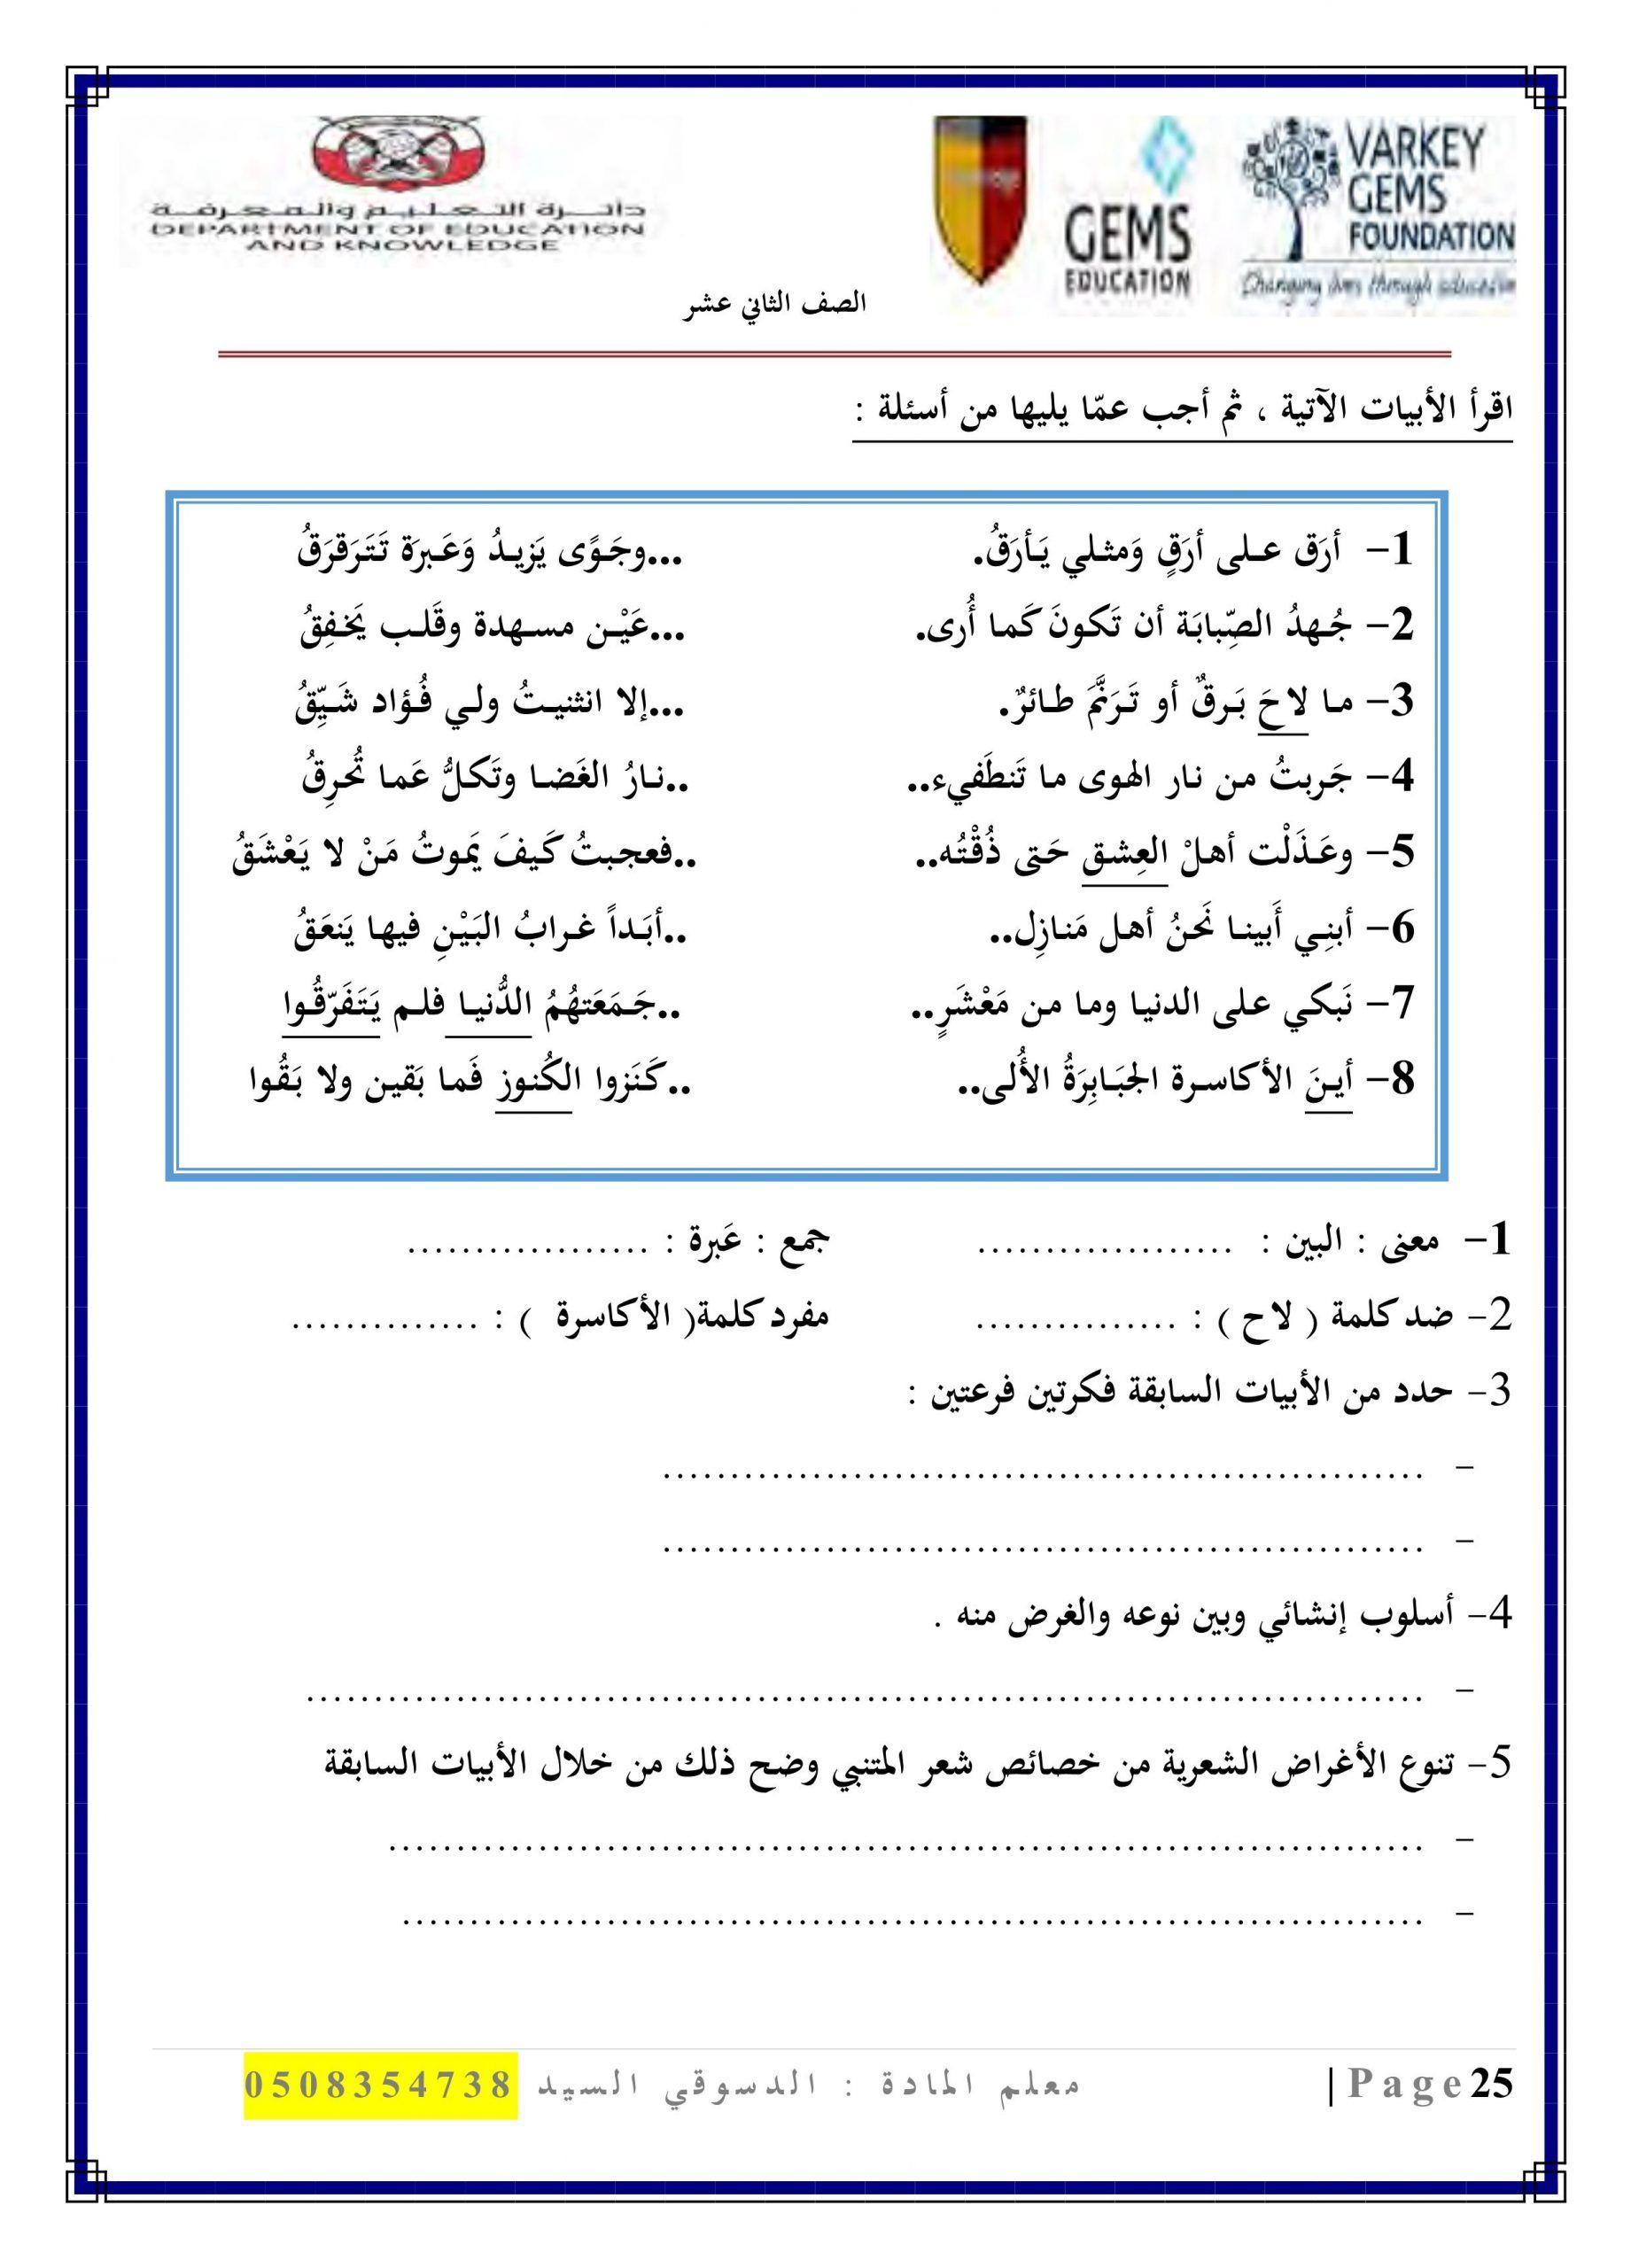 ورقة عمل ارق على ارق الصف الثاني عشر مادة اللغة العربية Words Word Search Puzzle Sins